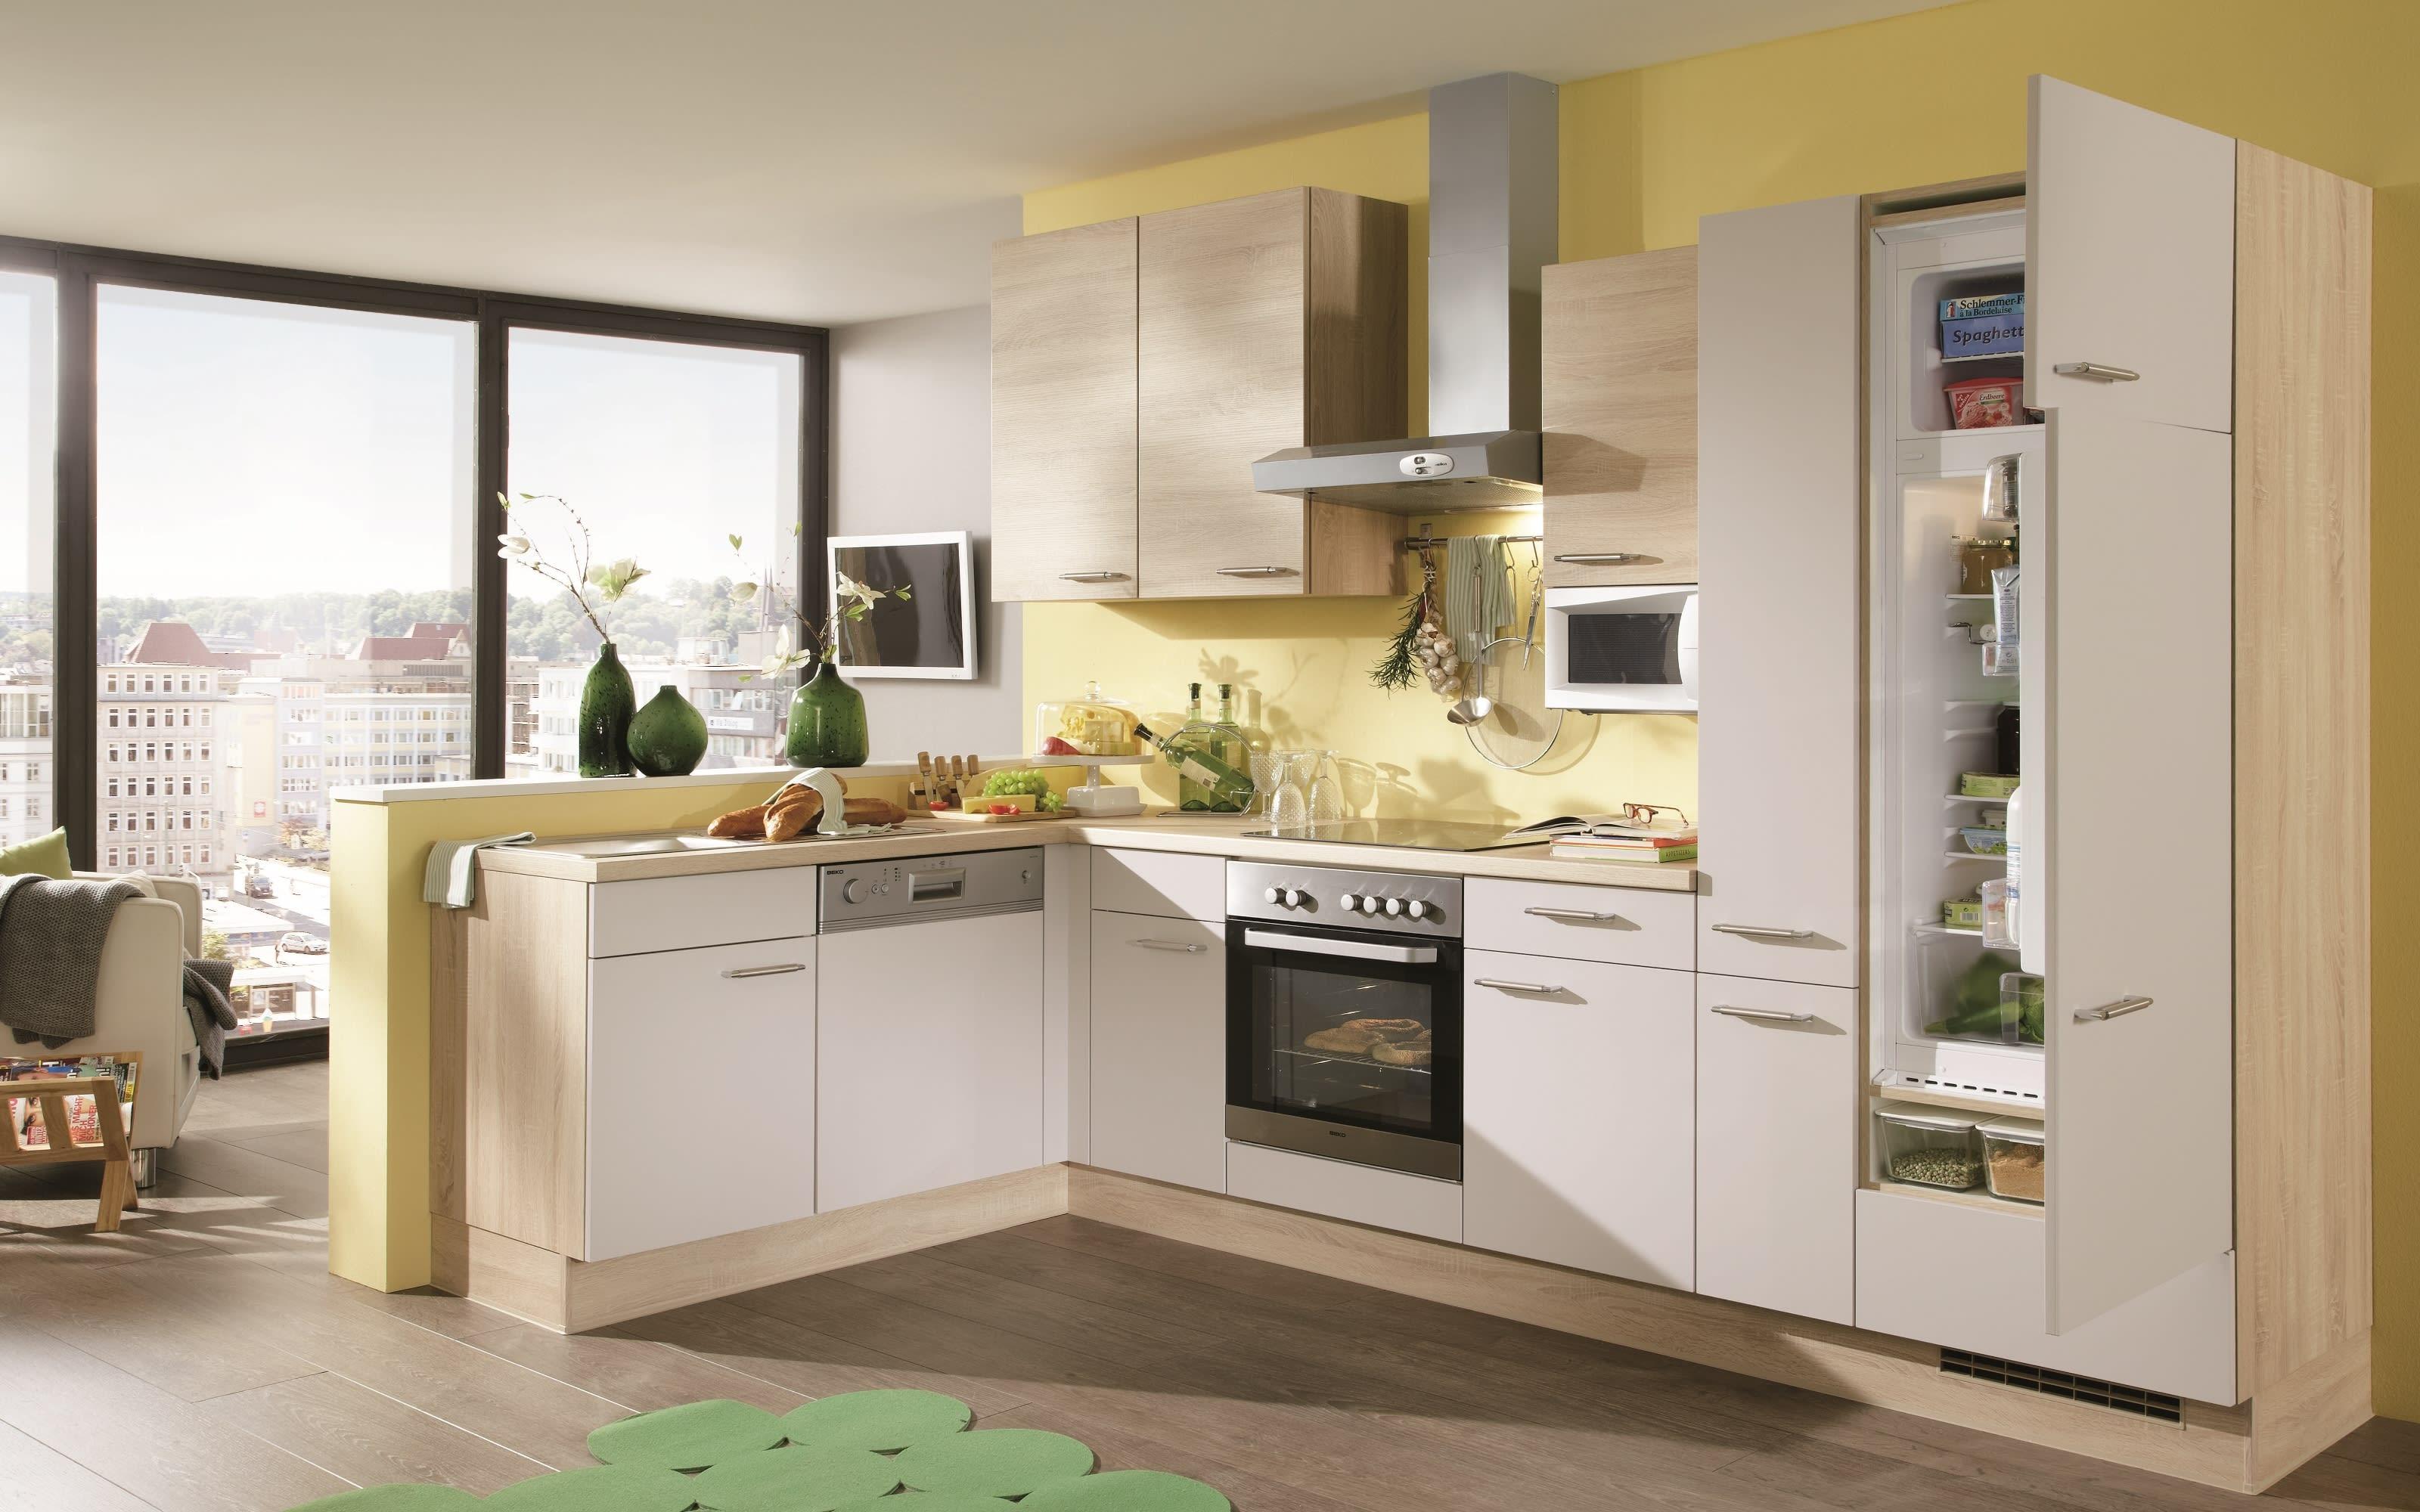 Einbauküche Speed 351, magnolia softmatt, inklusive Elektrogeräte